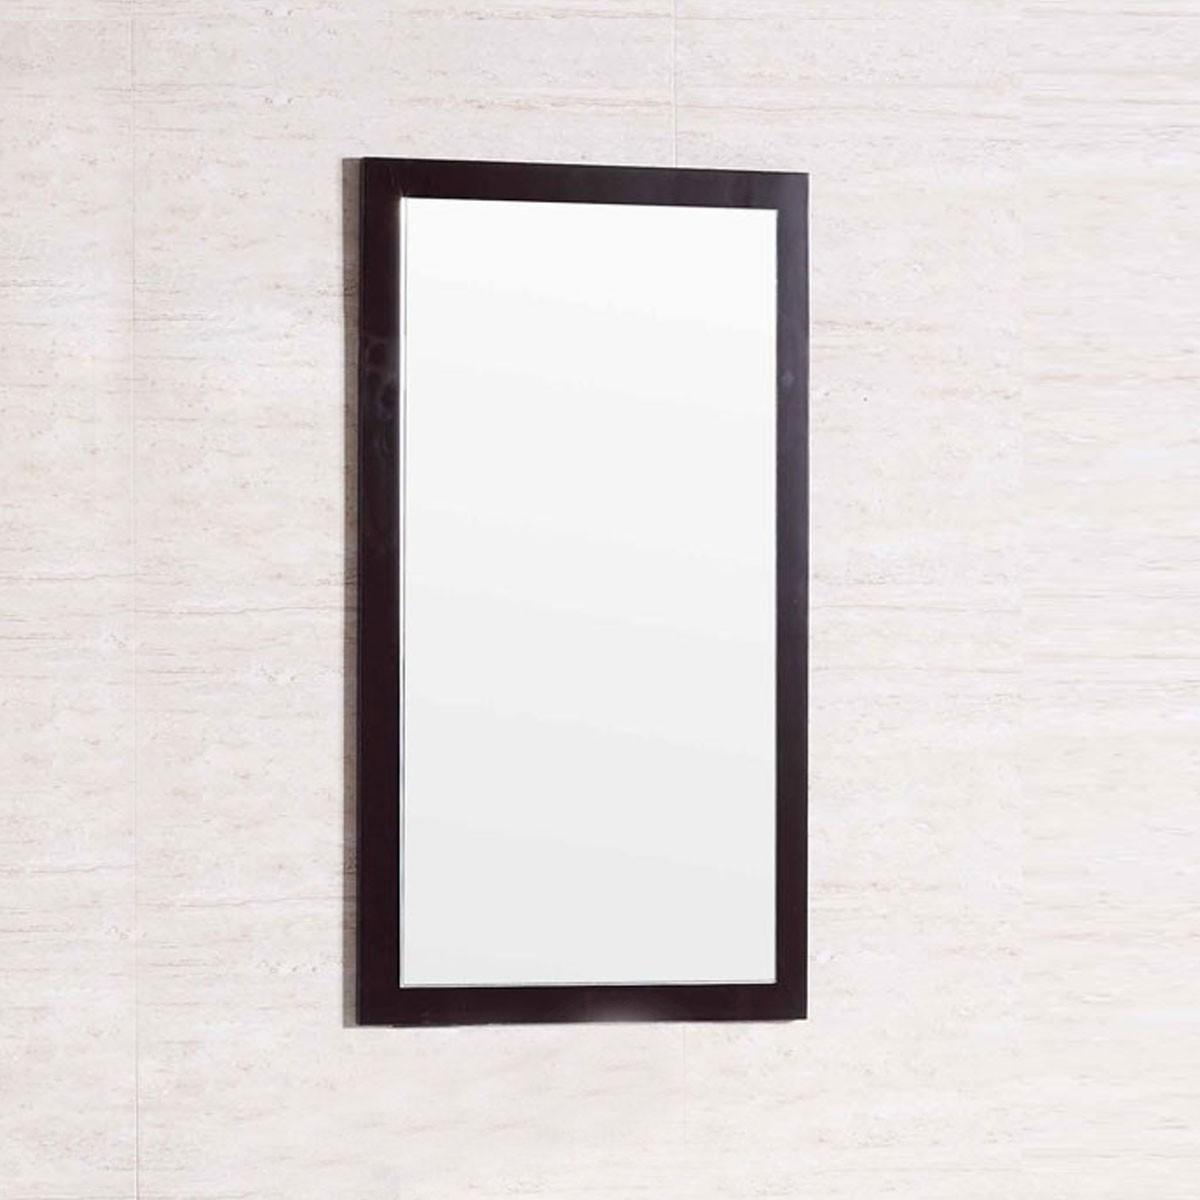 20 x 35 po Miroir pour Meuble Salle de Bain (DK-T9146-M)